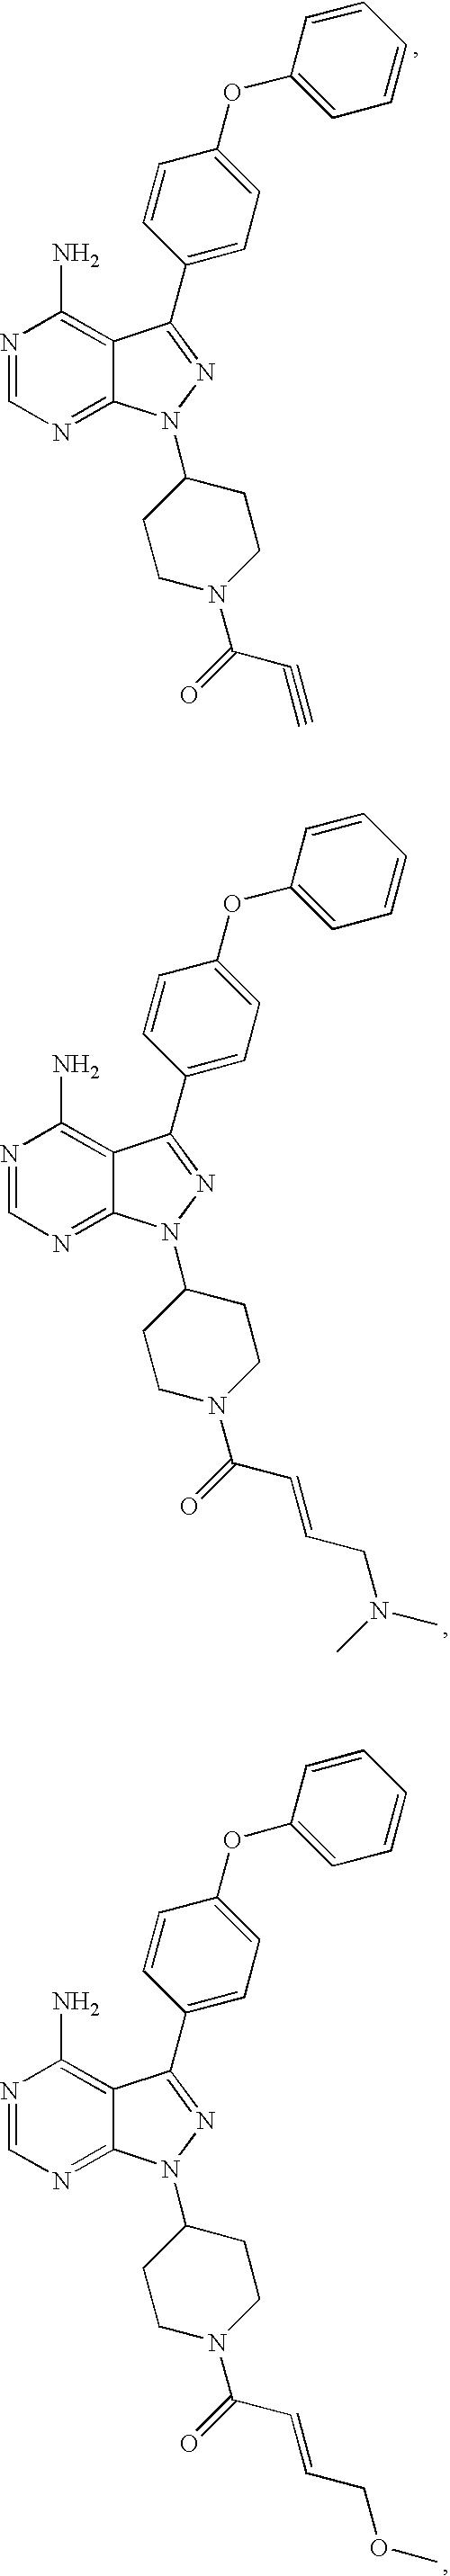 Figure US07514444-20090407-C00063